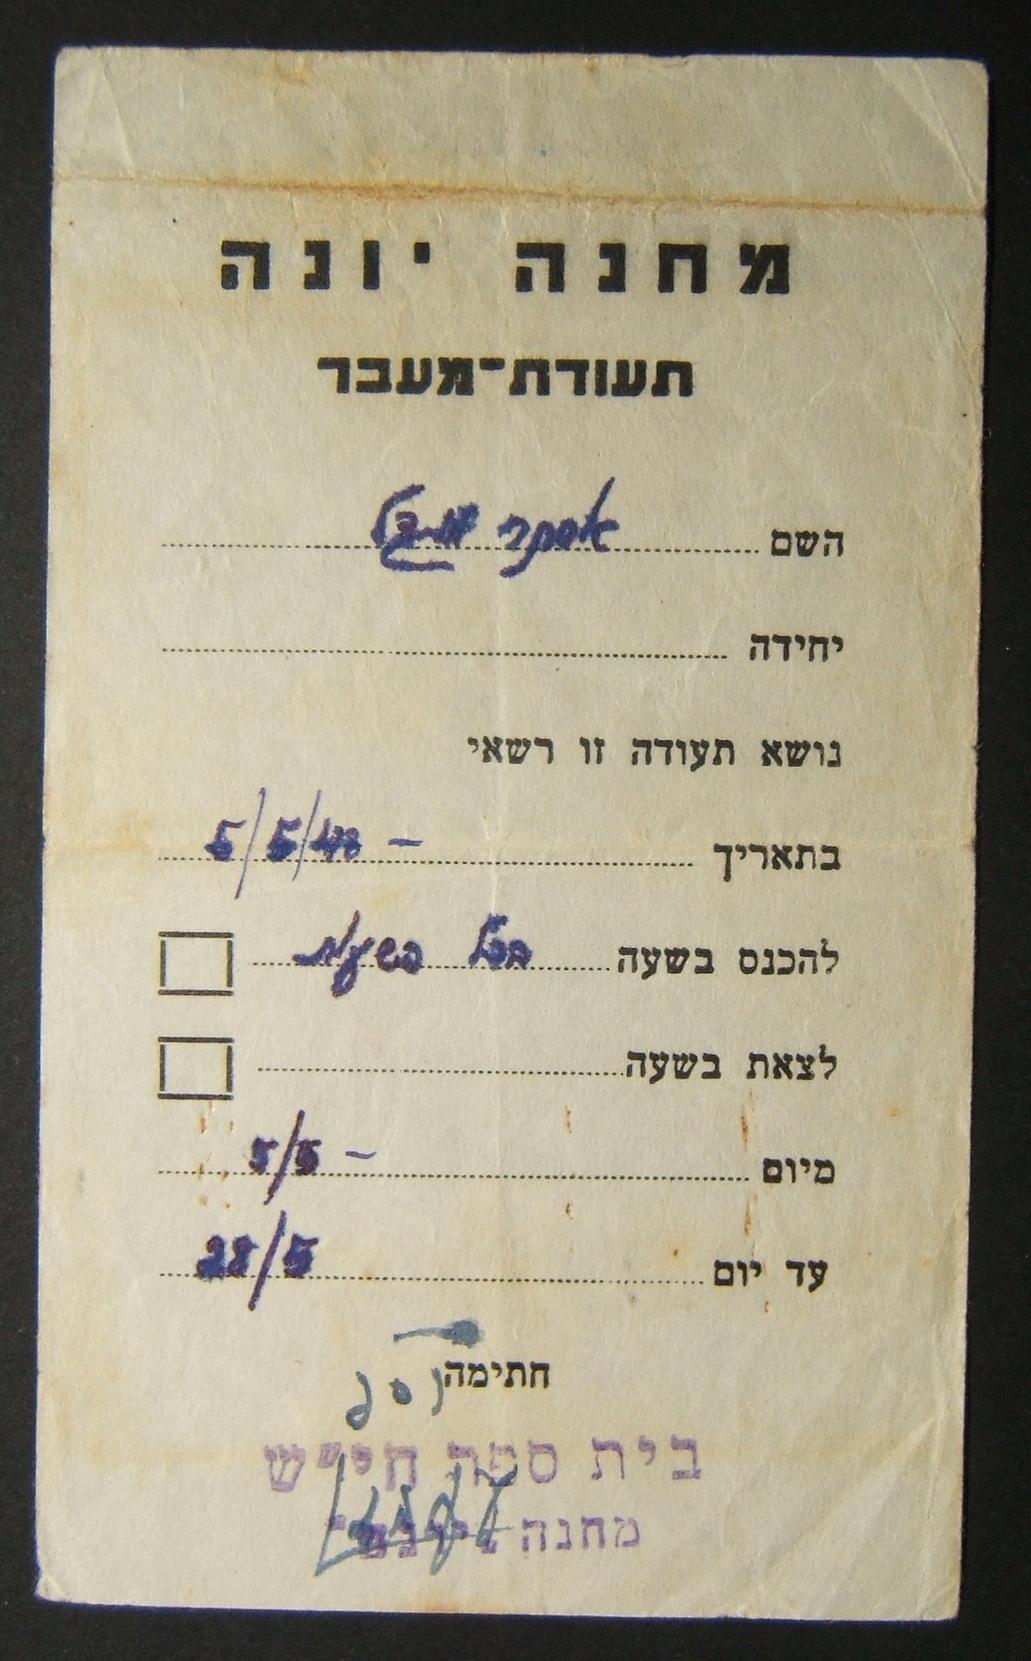 תעודת מעבר של ההגנה למחנה יונה, 1948: מסמך עבור אסתר מגדל להיכנס ולצאת מהמחנה בכל עת בין 5-05-1948 ו-28-05-1948, עם חותמת של המחנה (